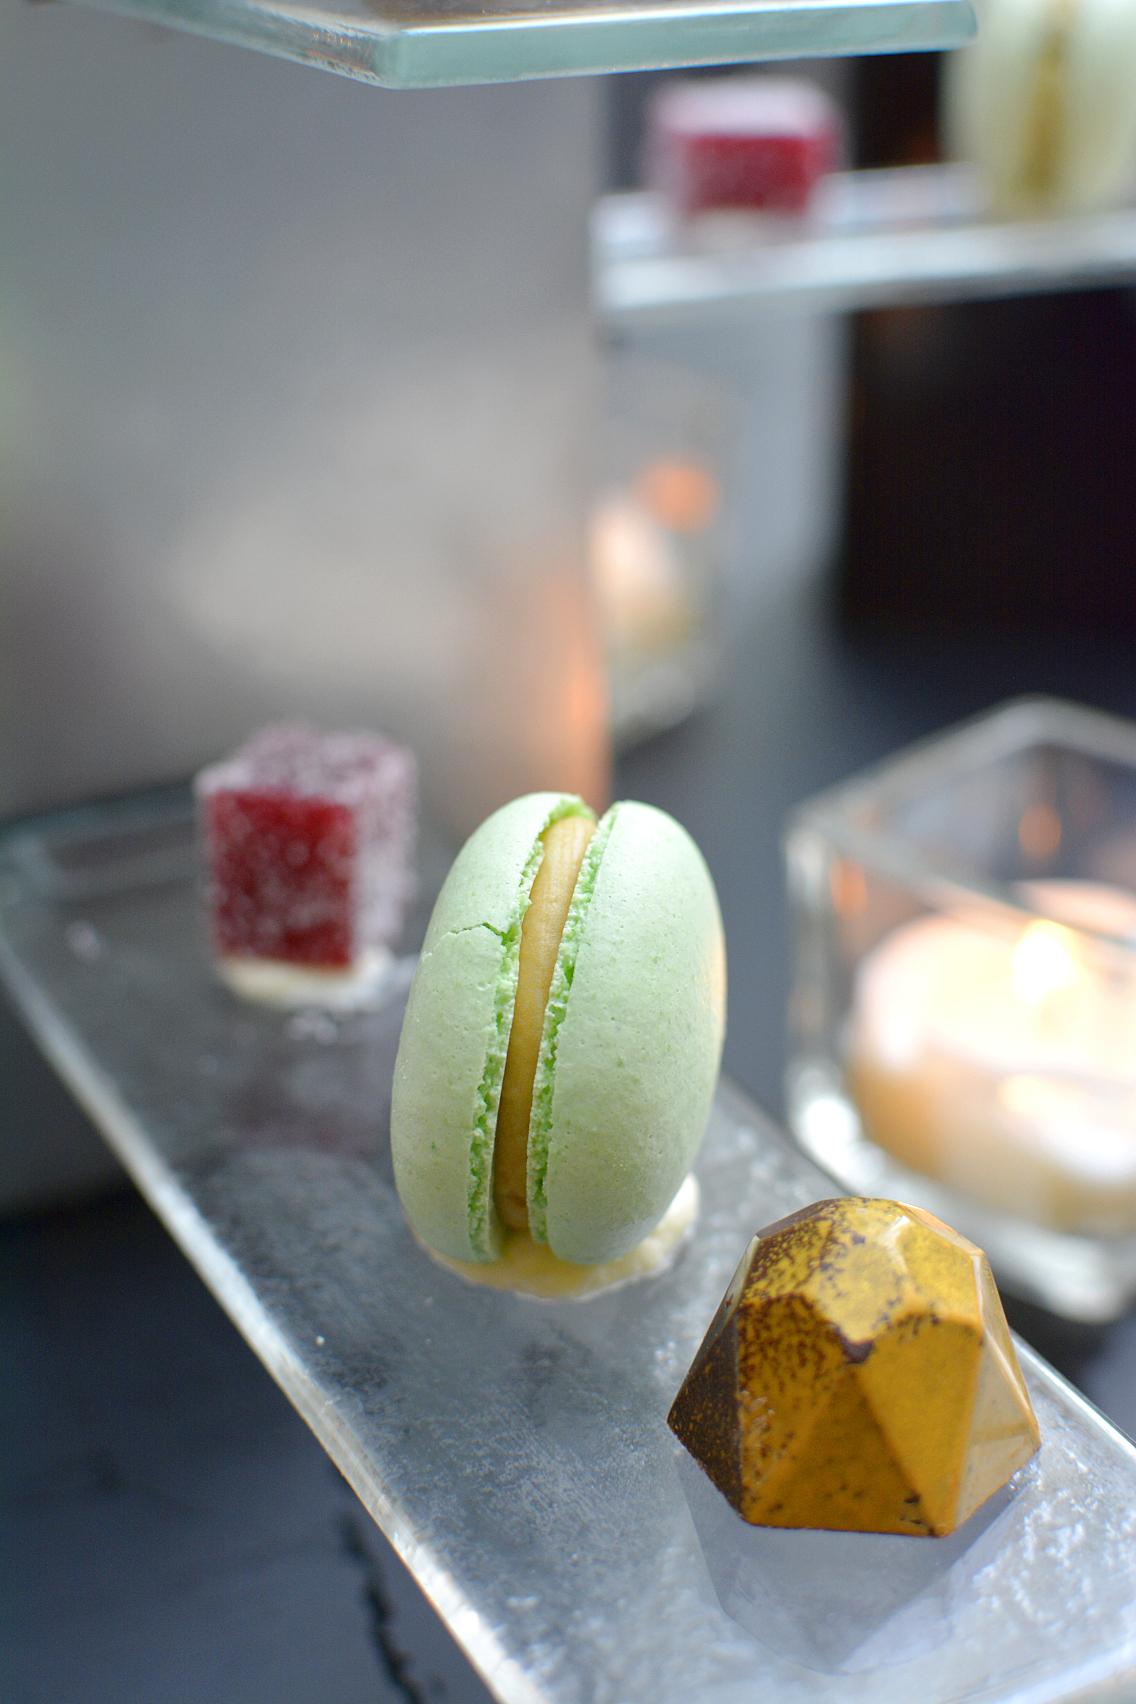 Sofitel Chicago Mignardises macarons, pate fruits, molded chocolates 6